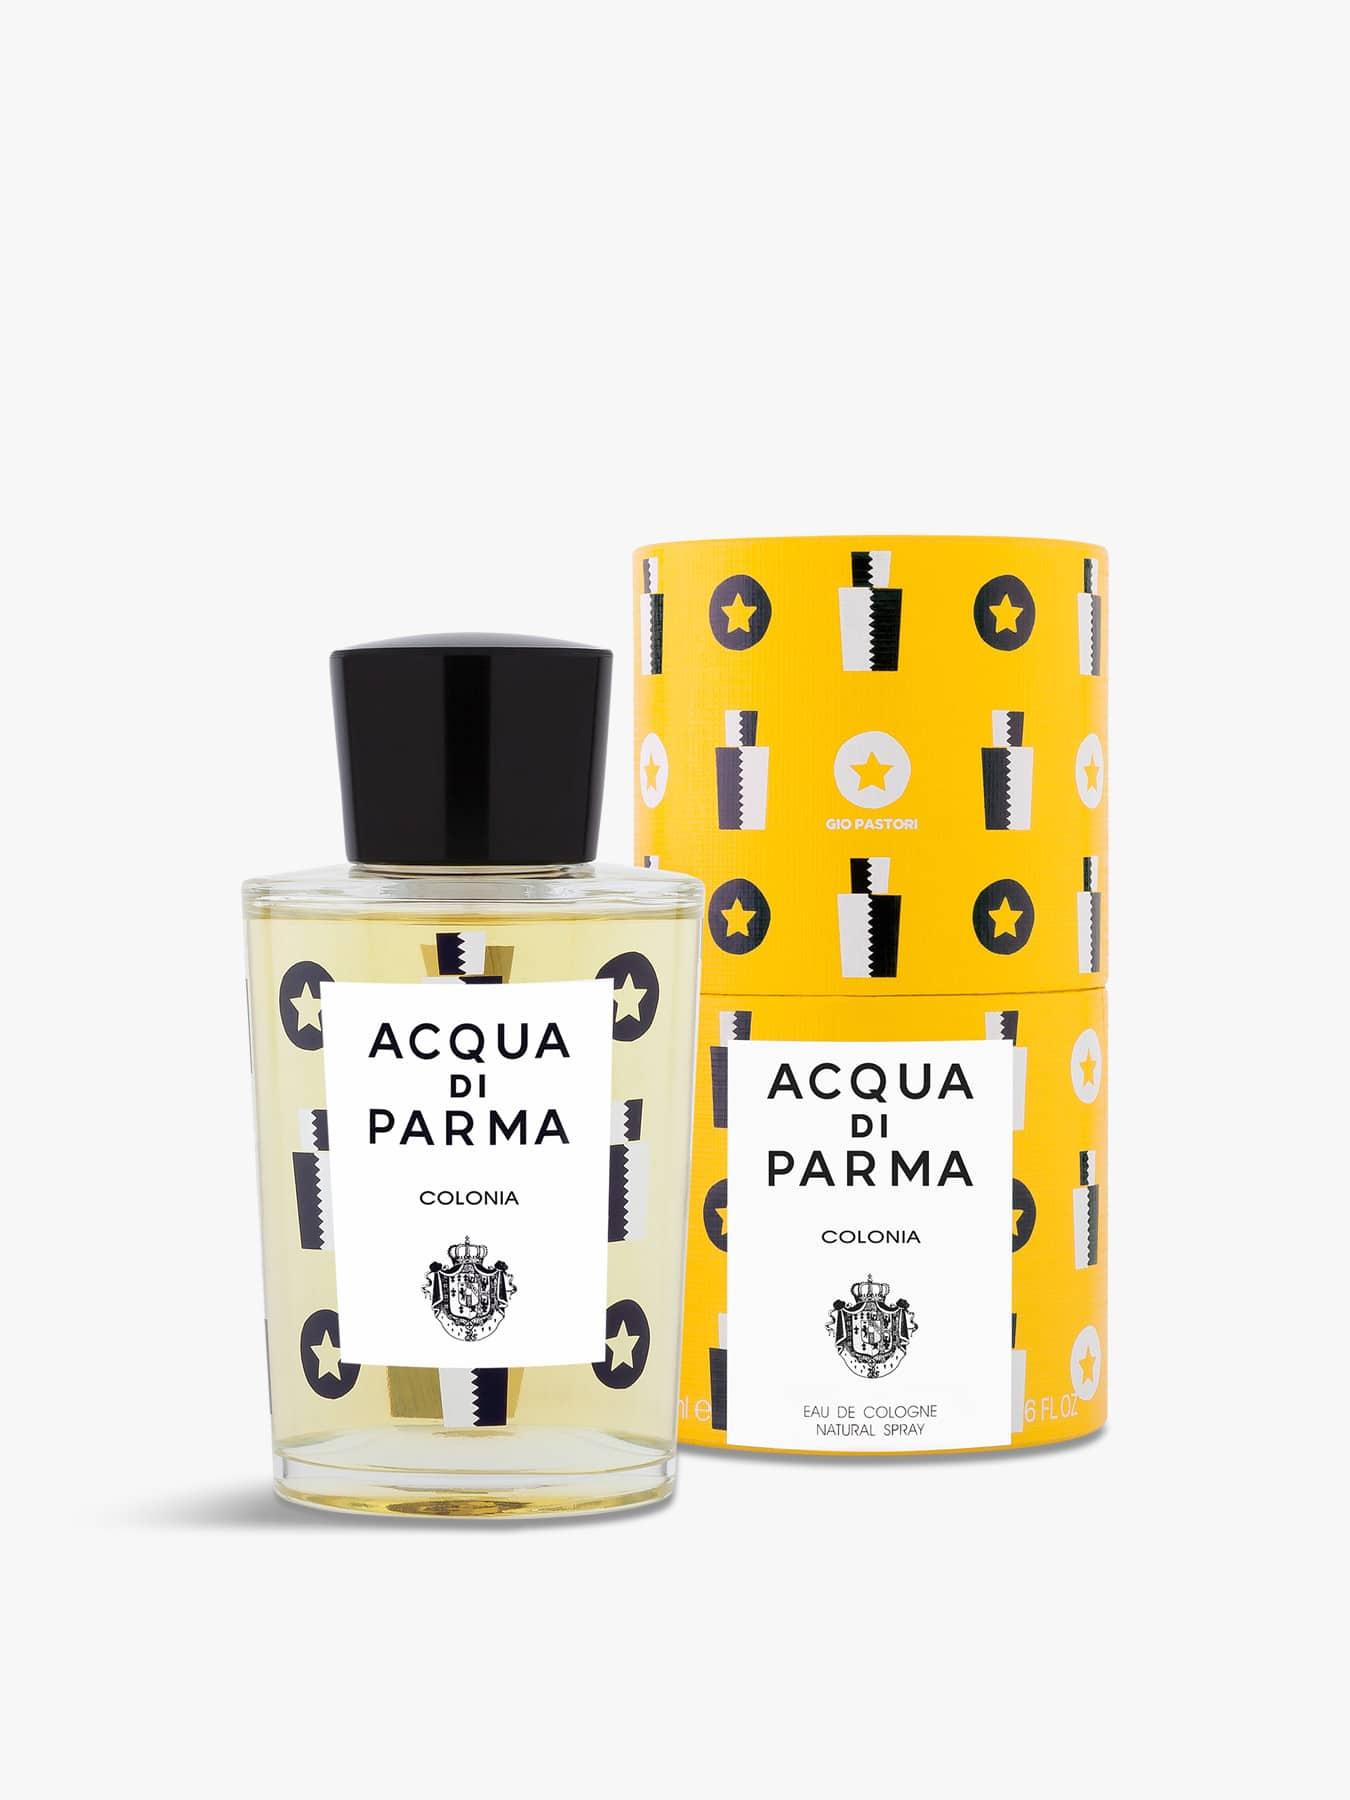 Acqua di Parma Colonia Artist Edition